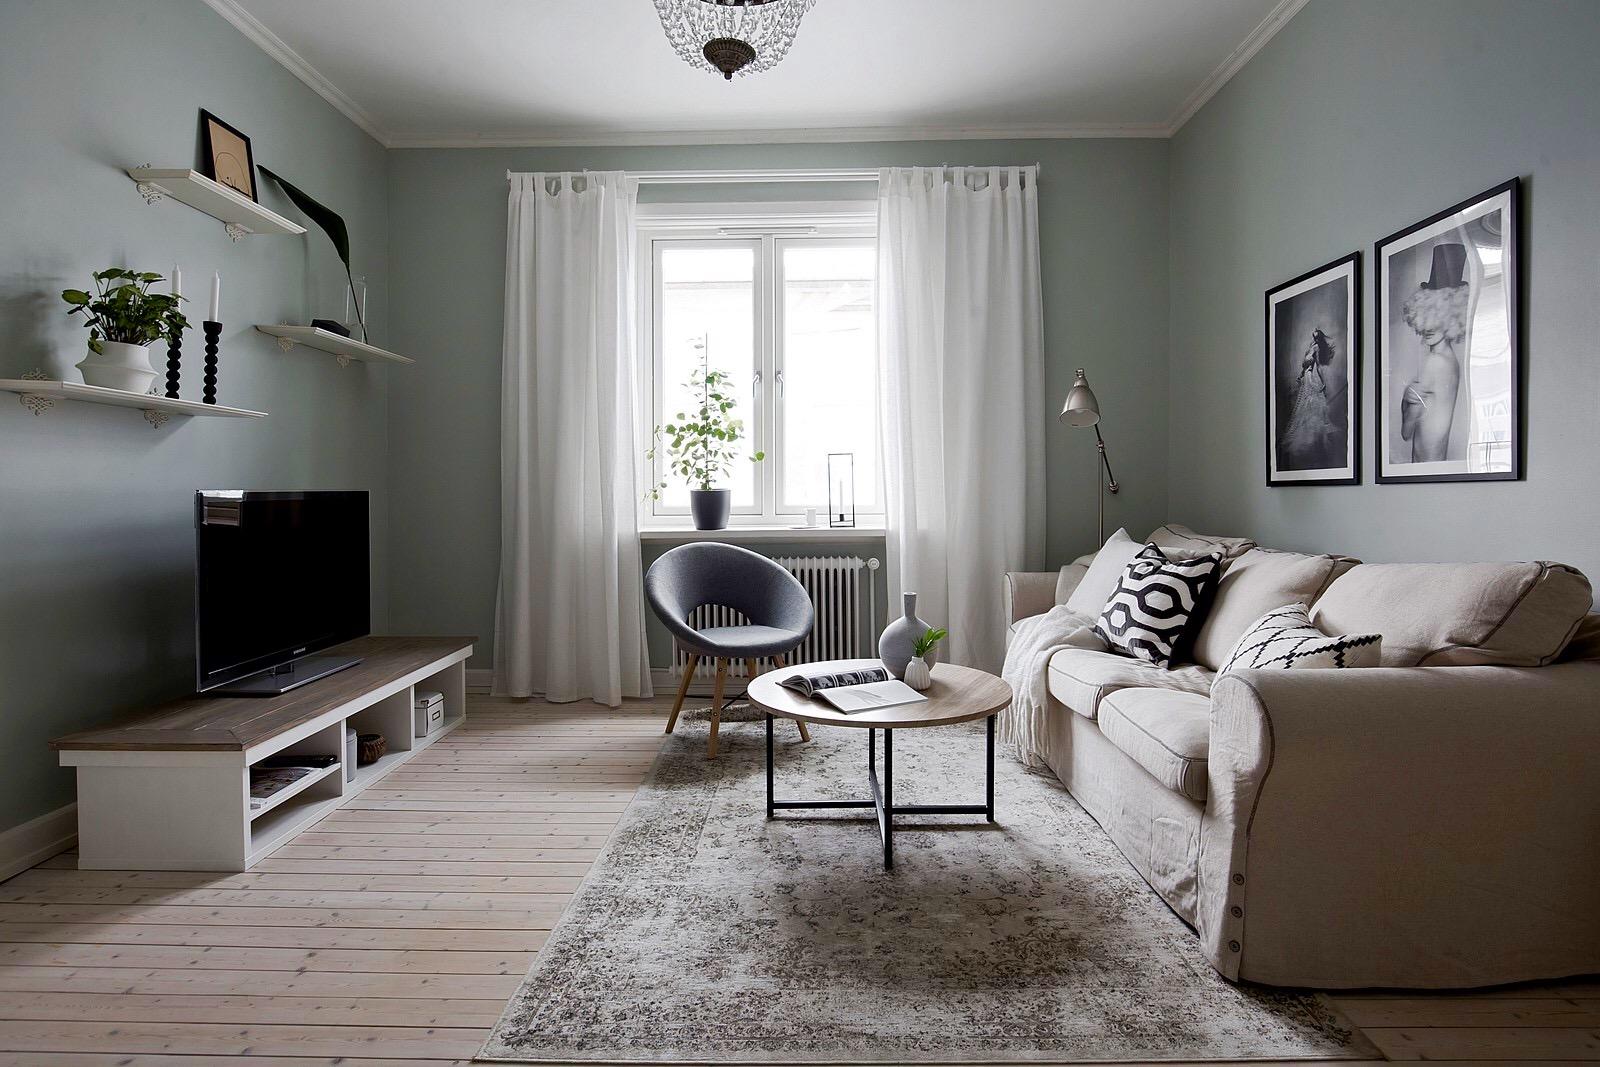 гостиная диван кресло столик ковер телевизор окно